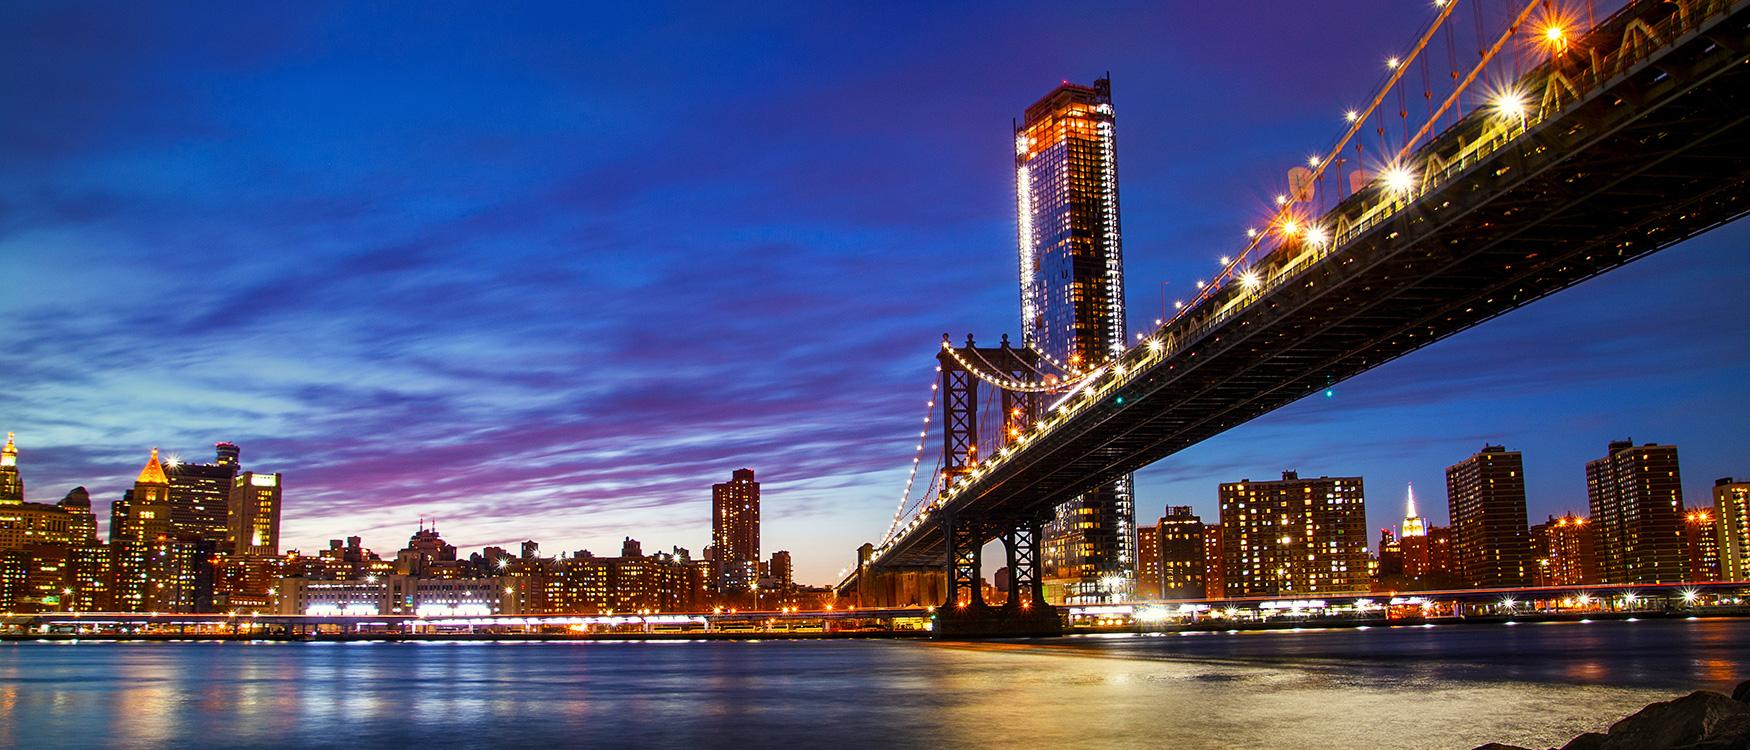 Streetfotographie: 8 Tipps für bessere Fotos auf Städtetrips